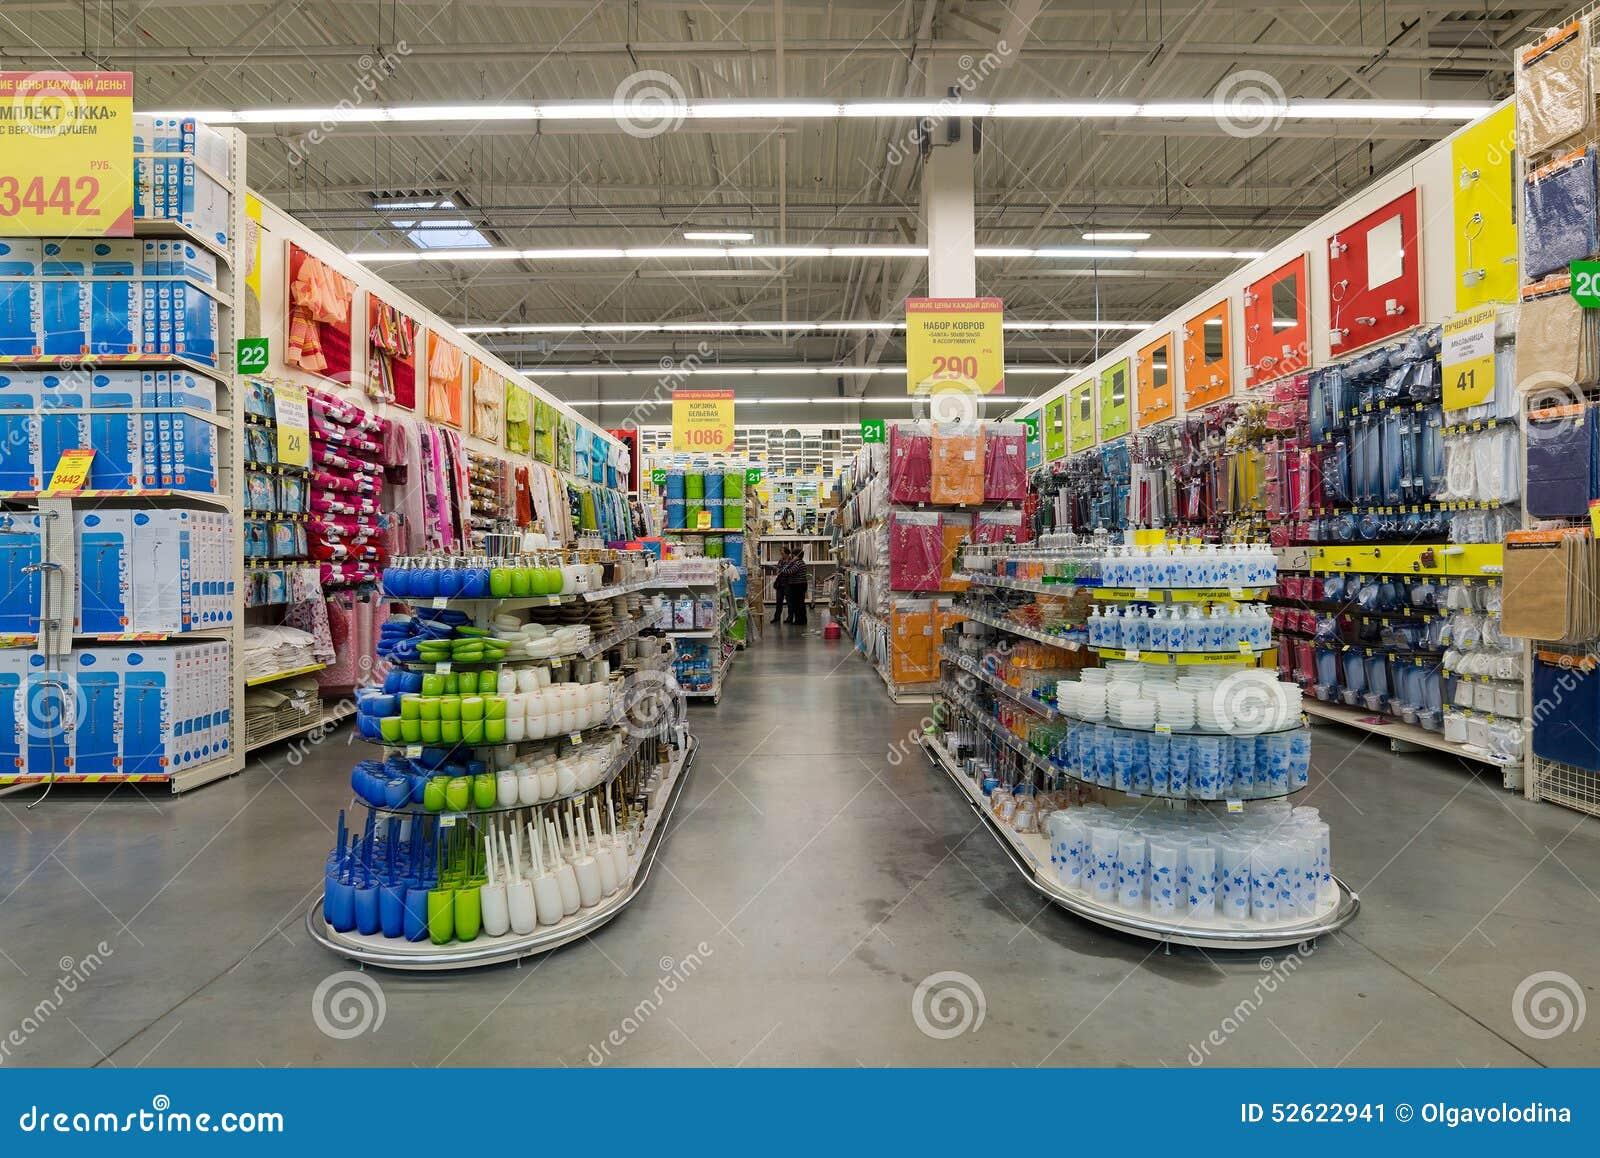 MOSCOU, RÚSSIA   3 DE MARÇO DE 2015 O Interior De Leroy Merlin Store Leroy  Merlin é Uma Casa Melhoria Francesa E Um Retai De Jard. Consumidor, Negócio.